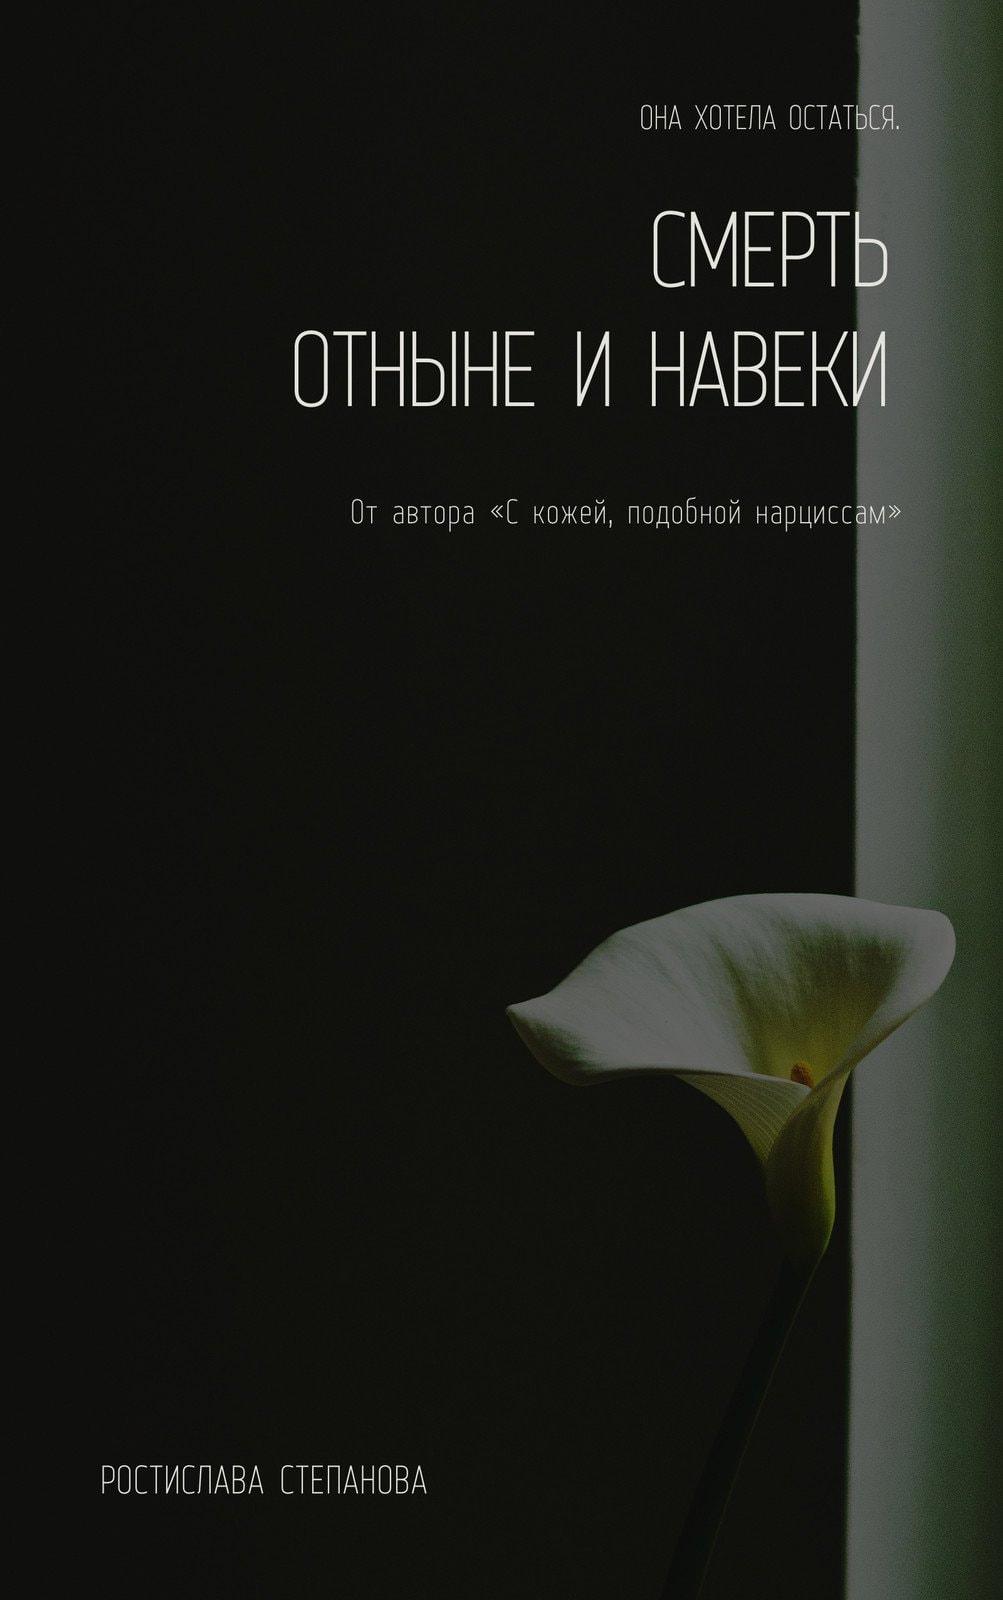 Смерть Вечности Маленькая Kindle Книга Обложка